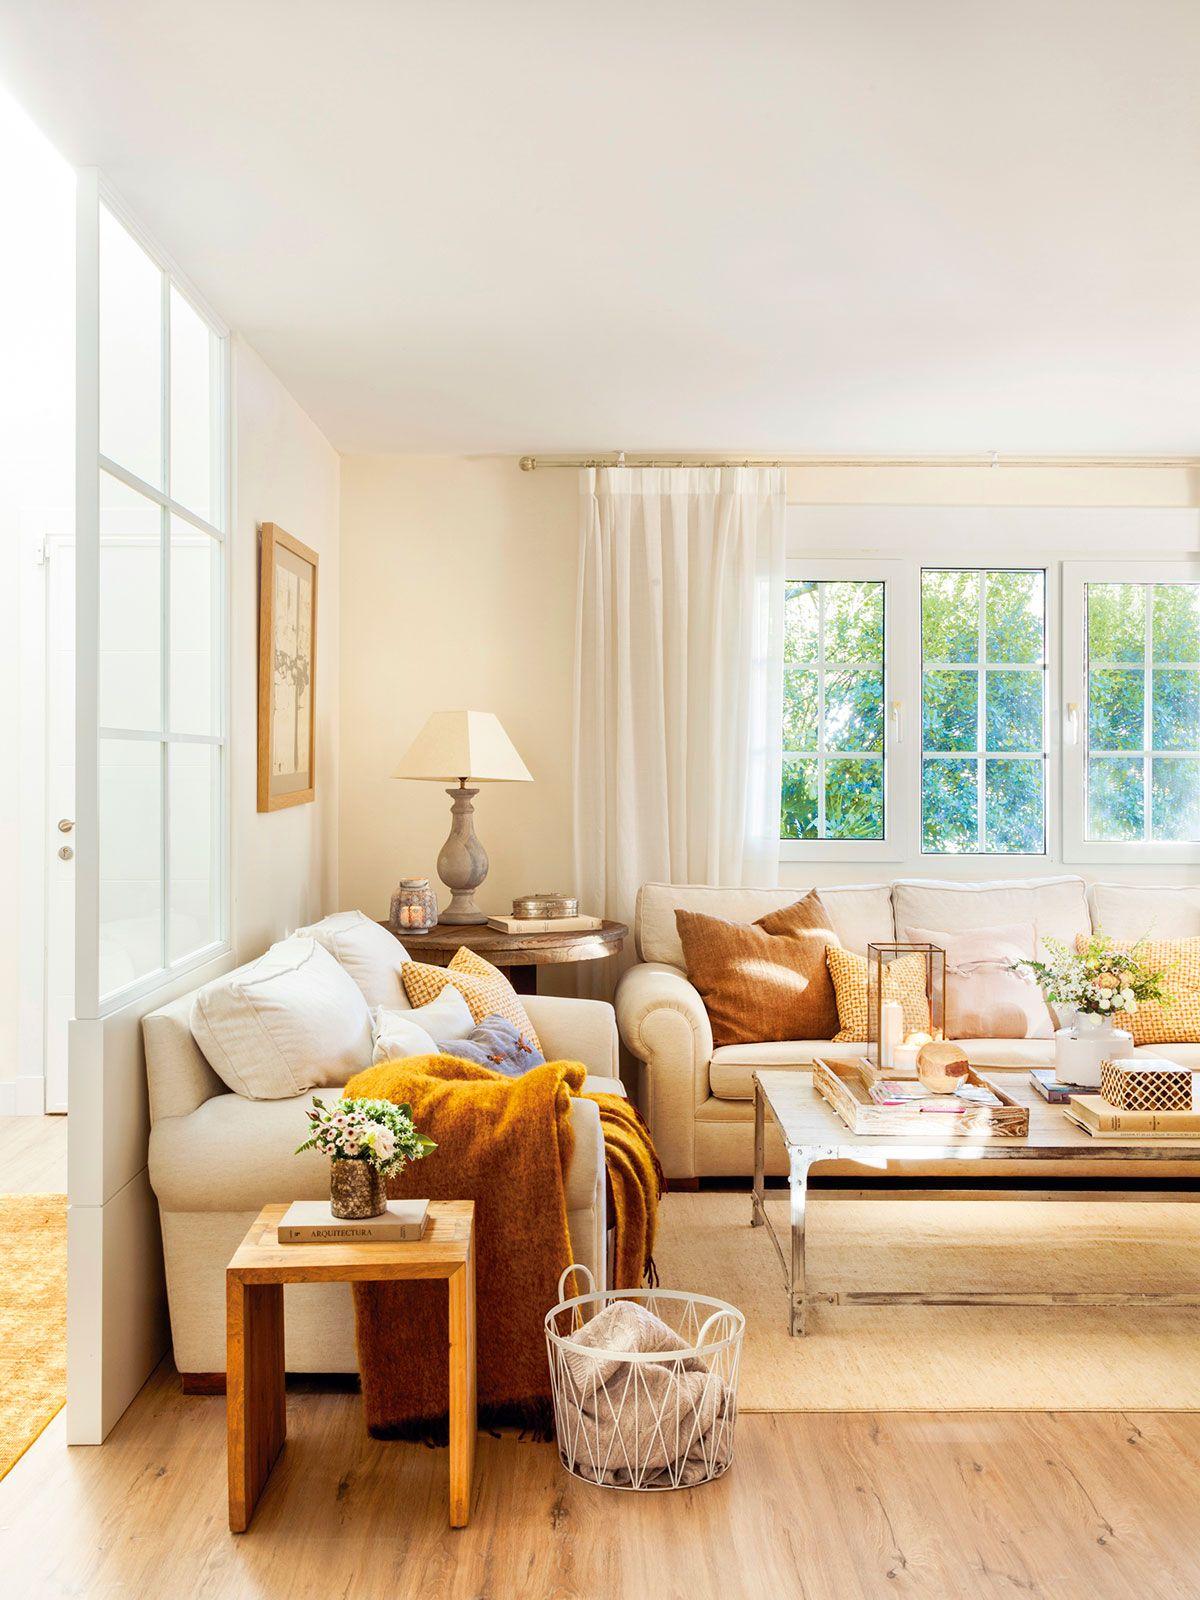 Refleja la luz organizacion decoracion living room for Decoracion de salones pintura